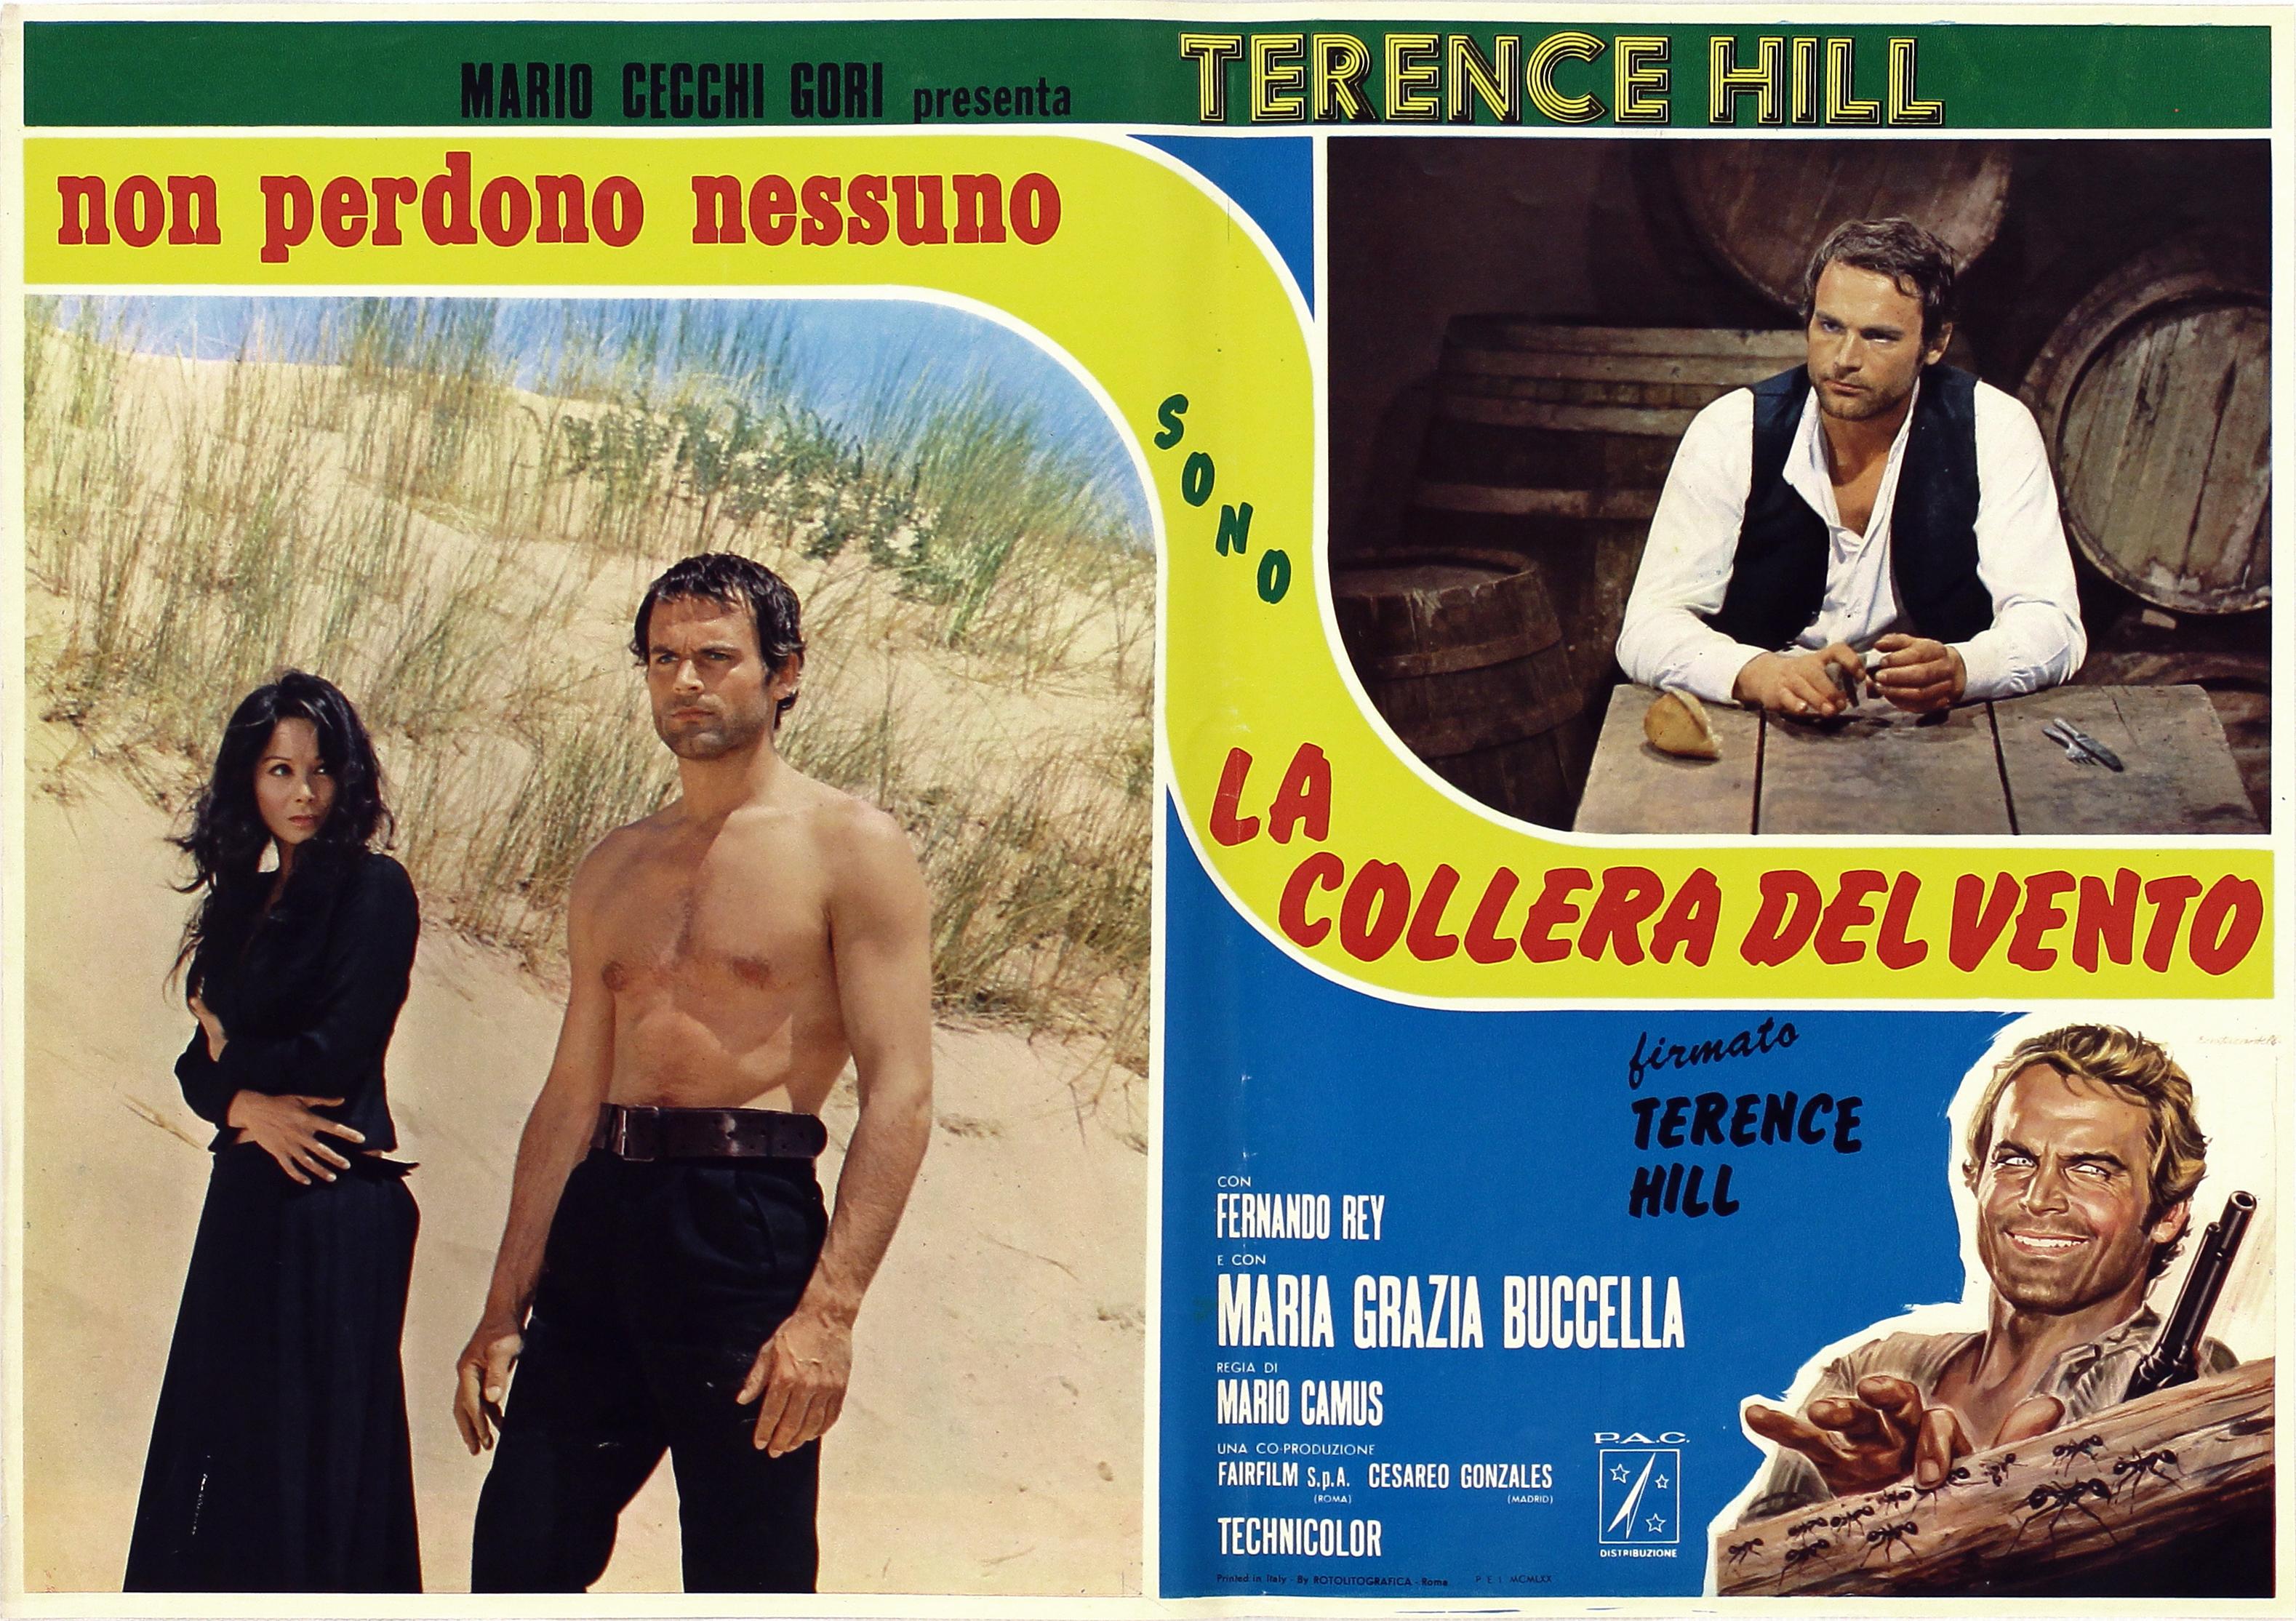 Terence Hill and Maria Grazia Buccella in La collera del vento (1970)